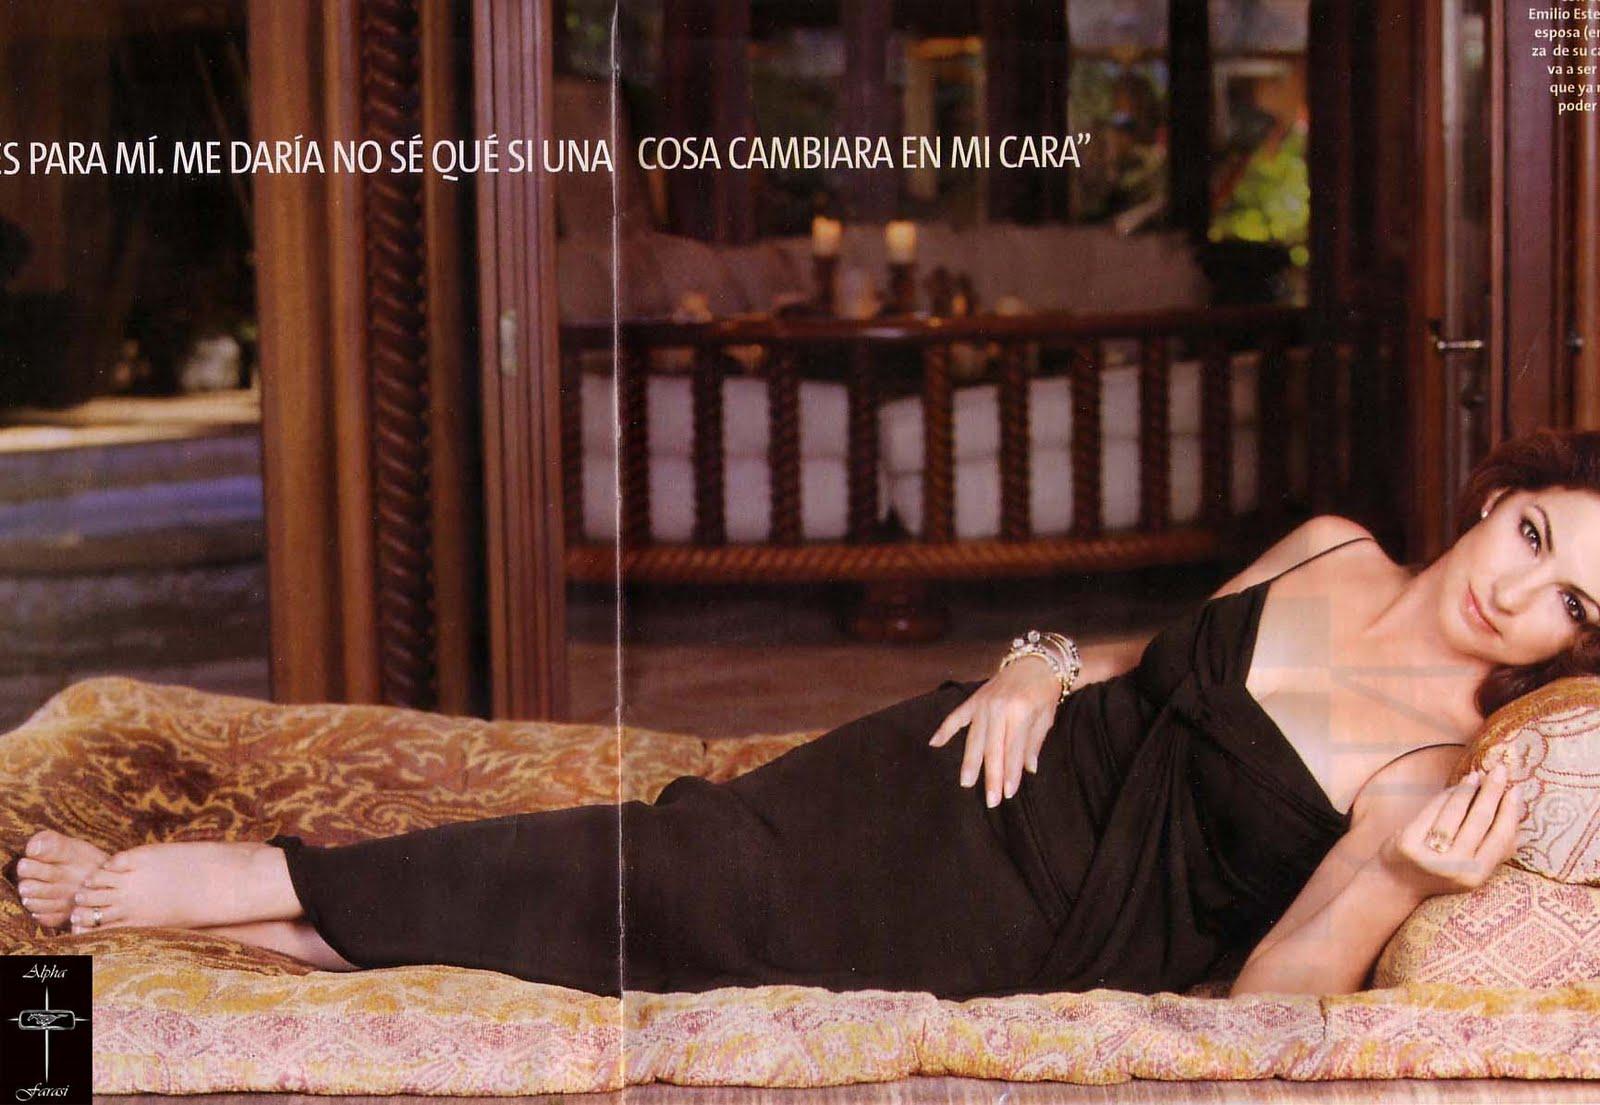 Celebrity Feet Magazine Gloria Estefan Feet